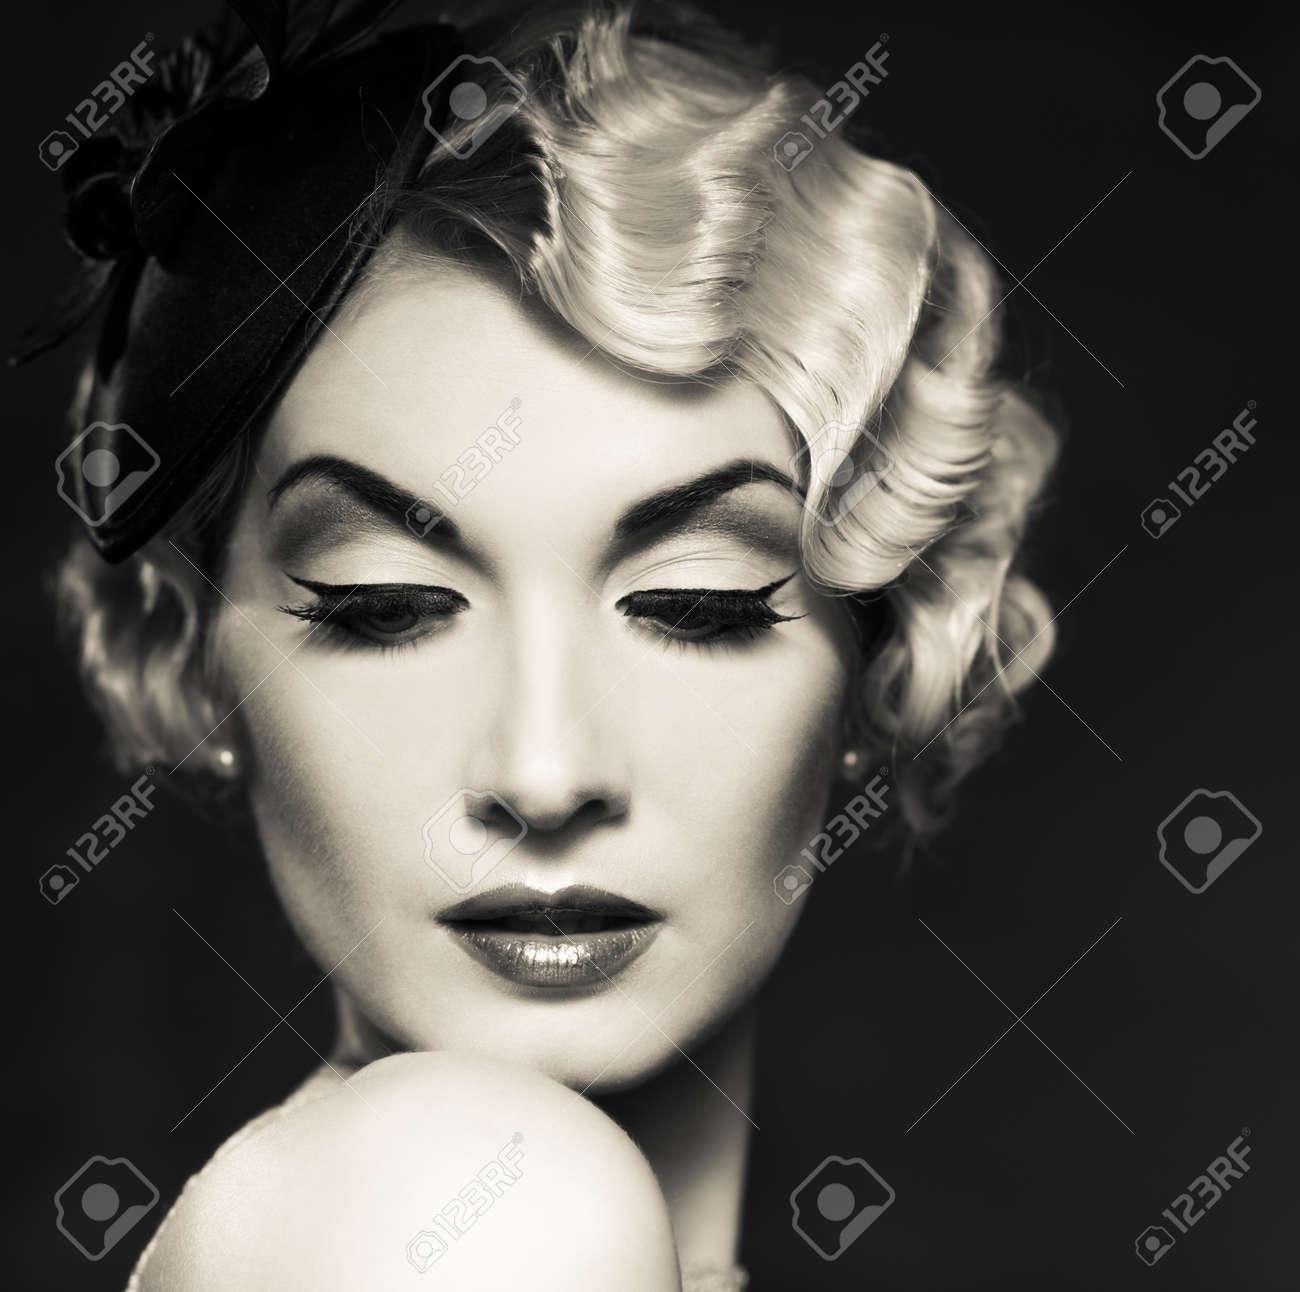 Monocromo Retrato De Mujer Elegante Retro Rubia Con Peinado Bonito Y